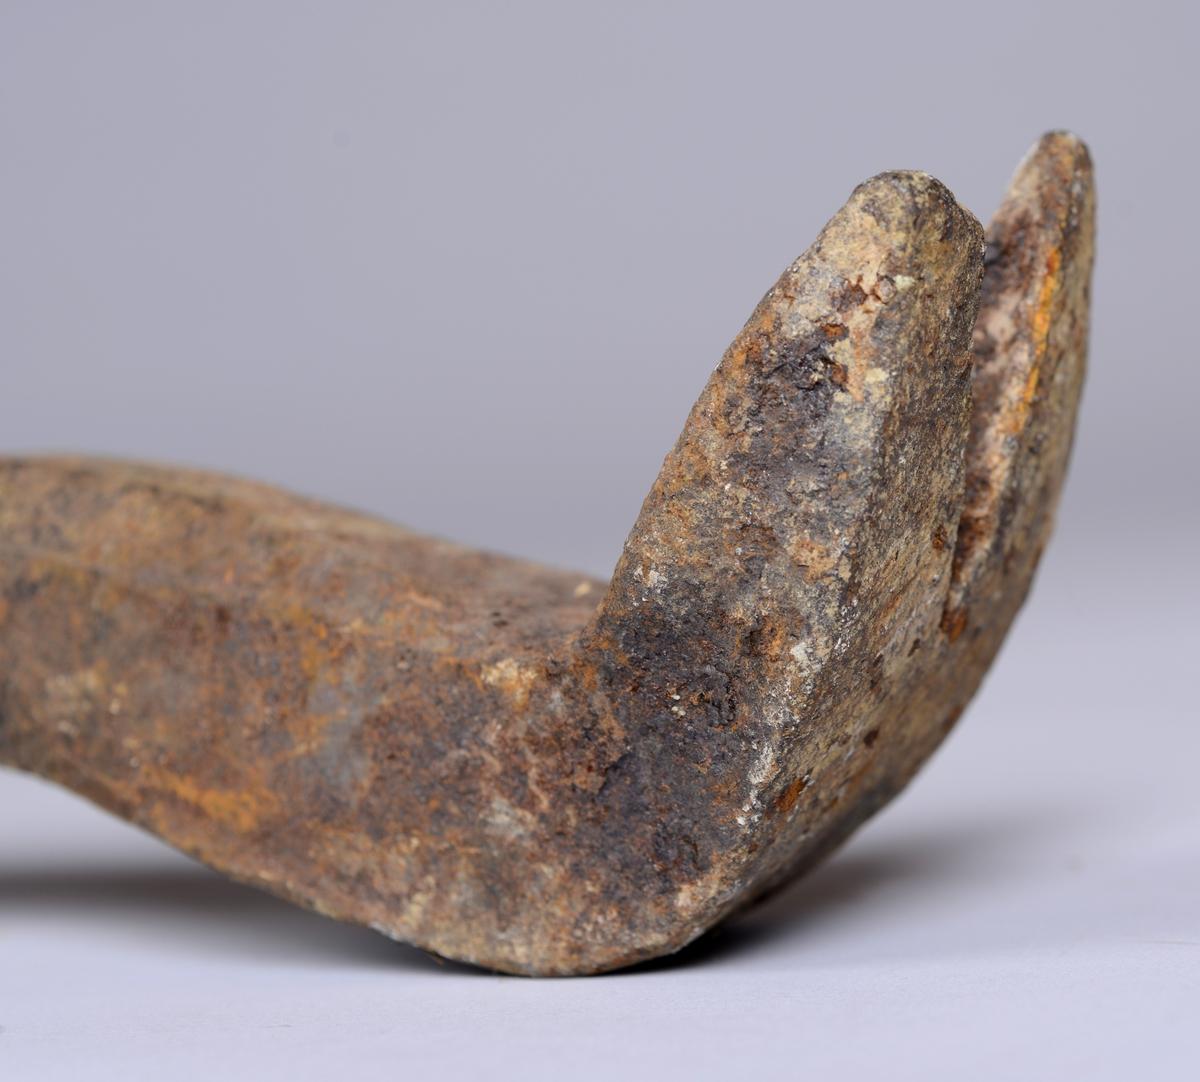 Avlangt spett for arbeid ved jernbanen. Formen er stort sett rund, i den ene enden er metallet formeti en rett vinkel og splittet i to. Redskapet er laget for å ta opp dogg.